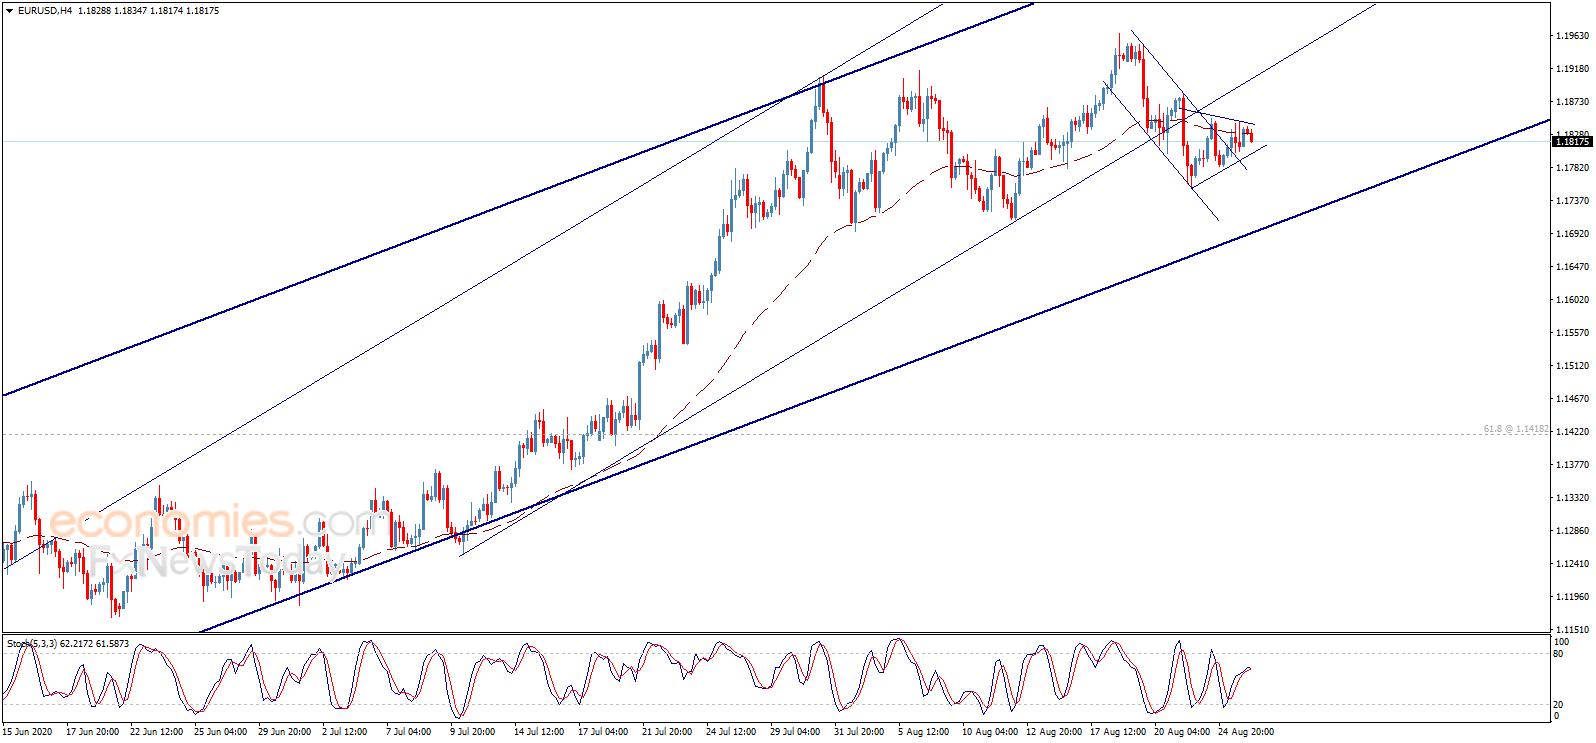 黄金空头做好准备!金价恐还有大跌空间 欧元、英镑、日元和黄金最新日内交易分析